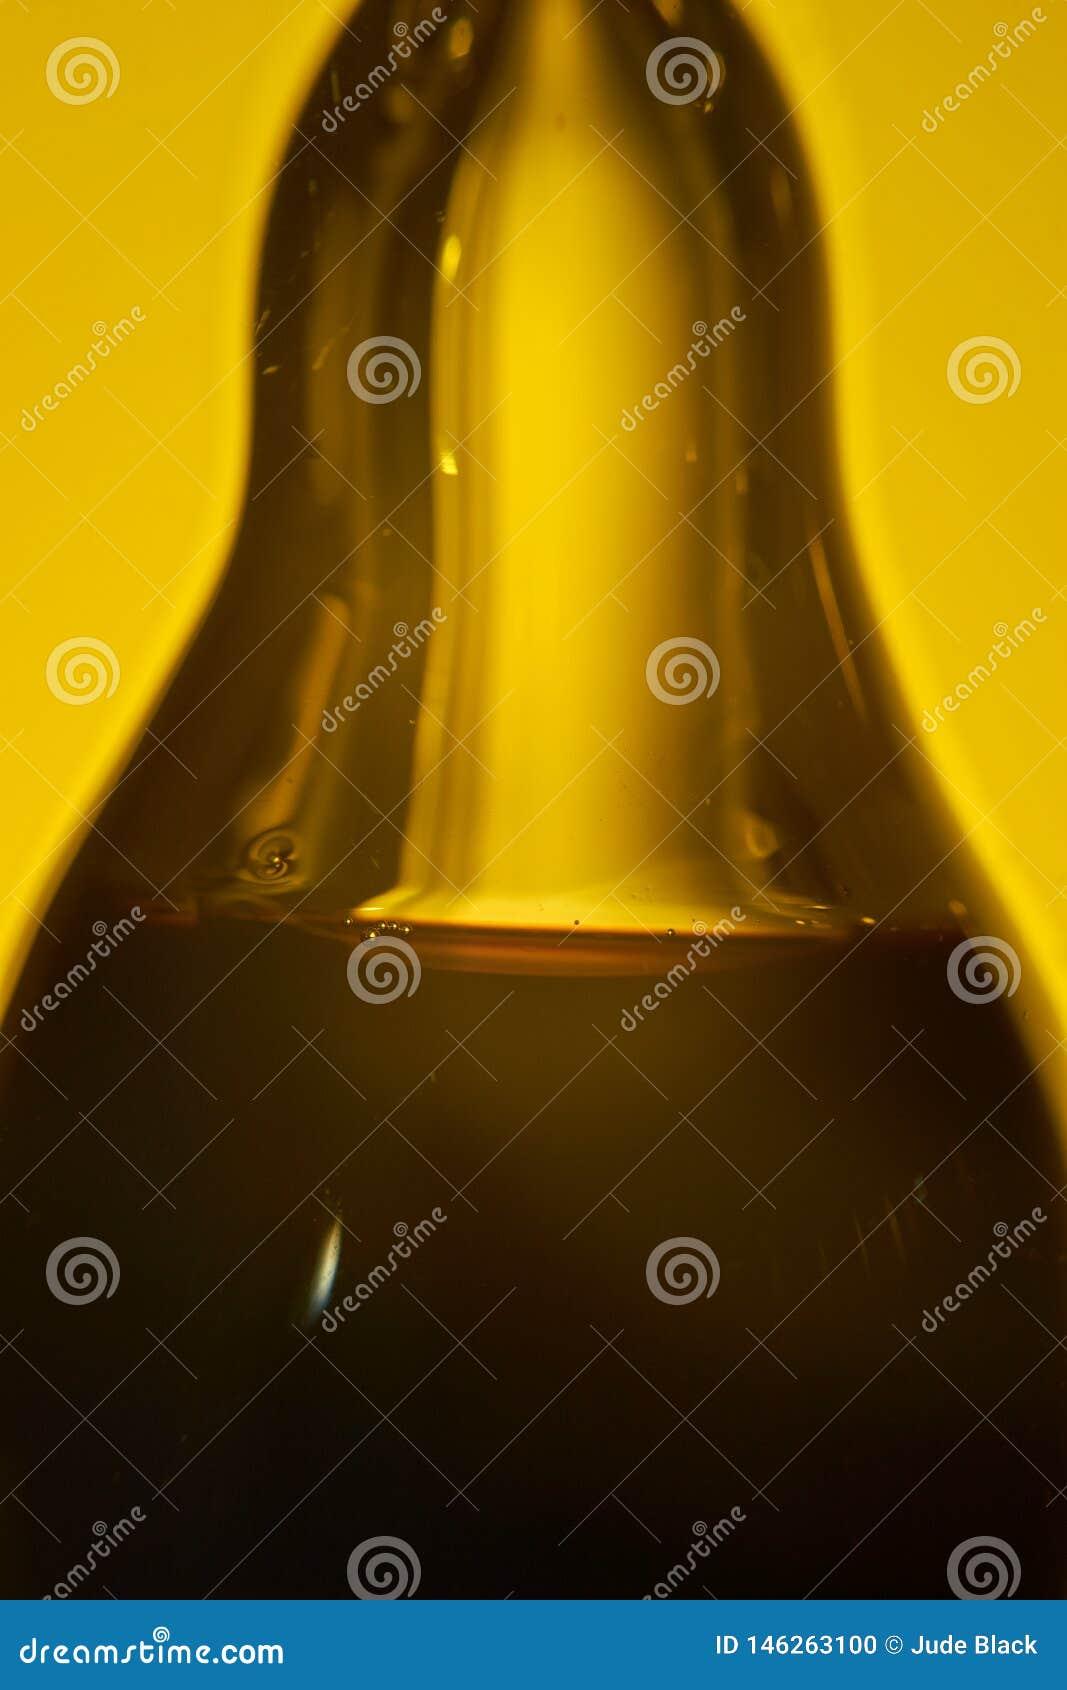 Оливковое масло и бальзамический уксус, в частях serarate грушевидной стеклянной бутылки